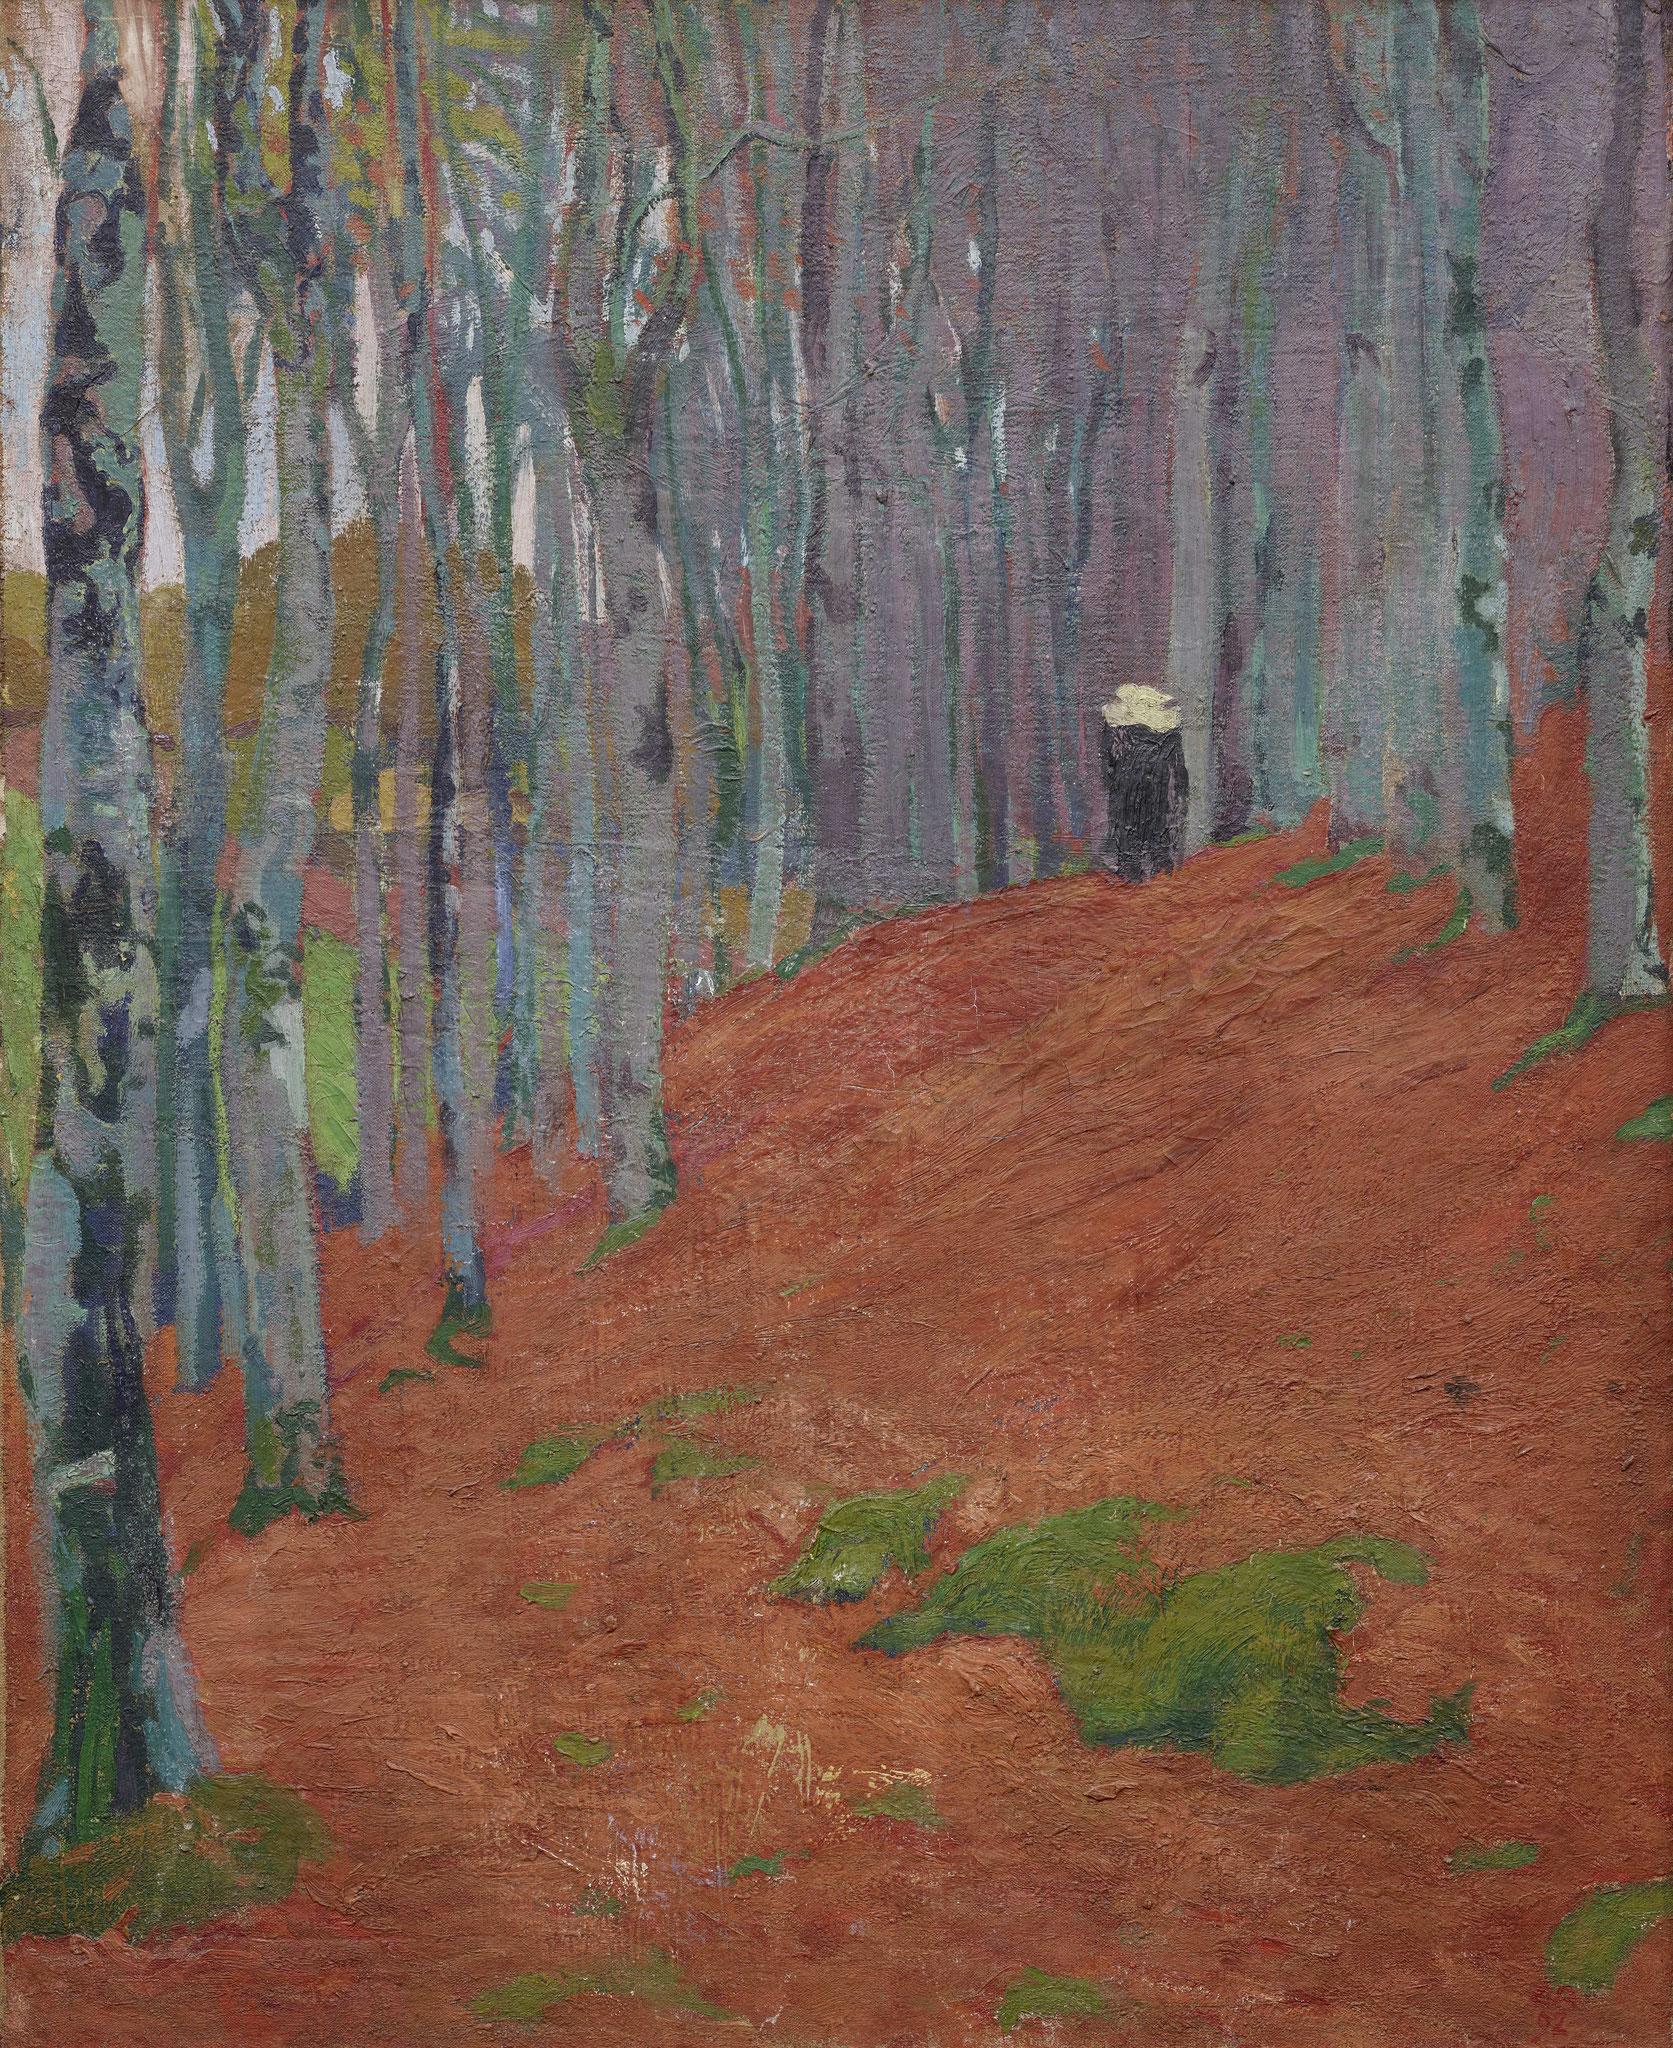 Cuno Amiet, Le Bois d'amour (Bretonische Landschaft), 1892